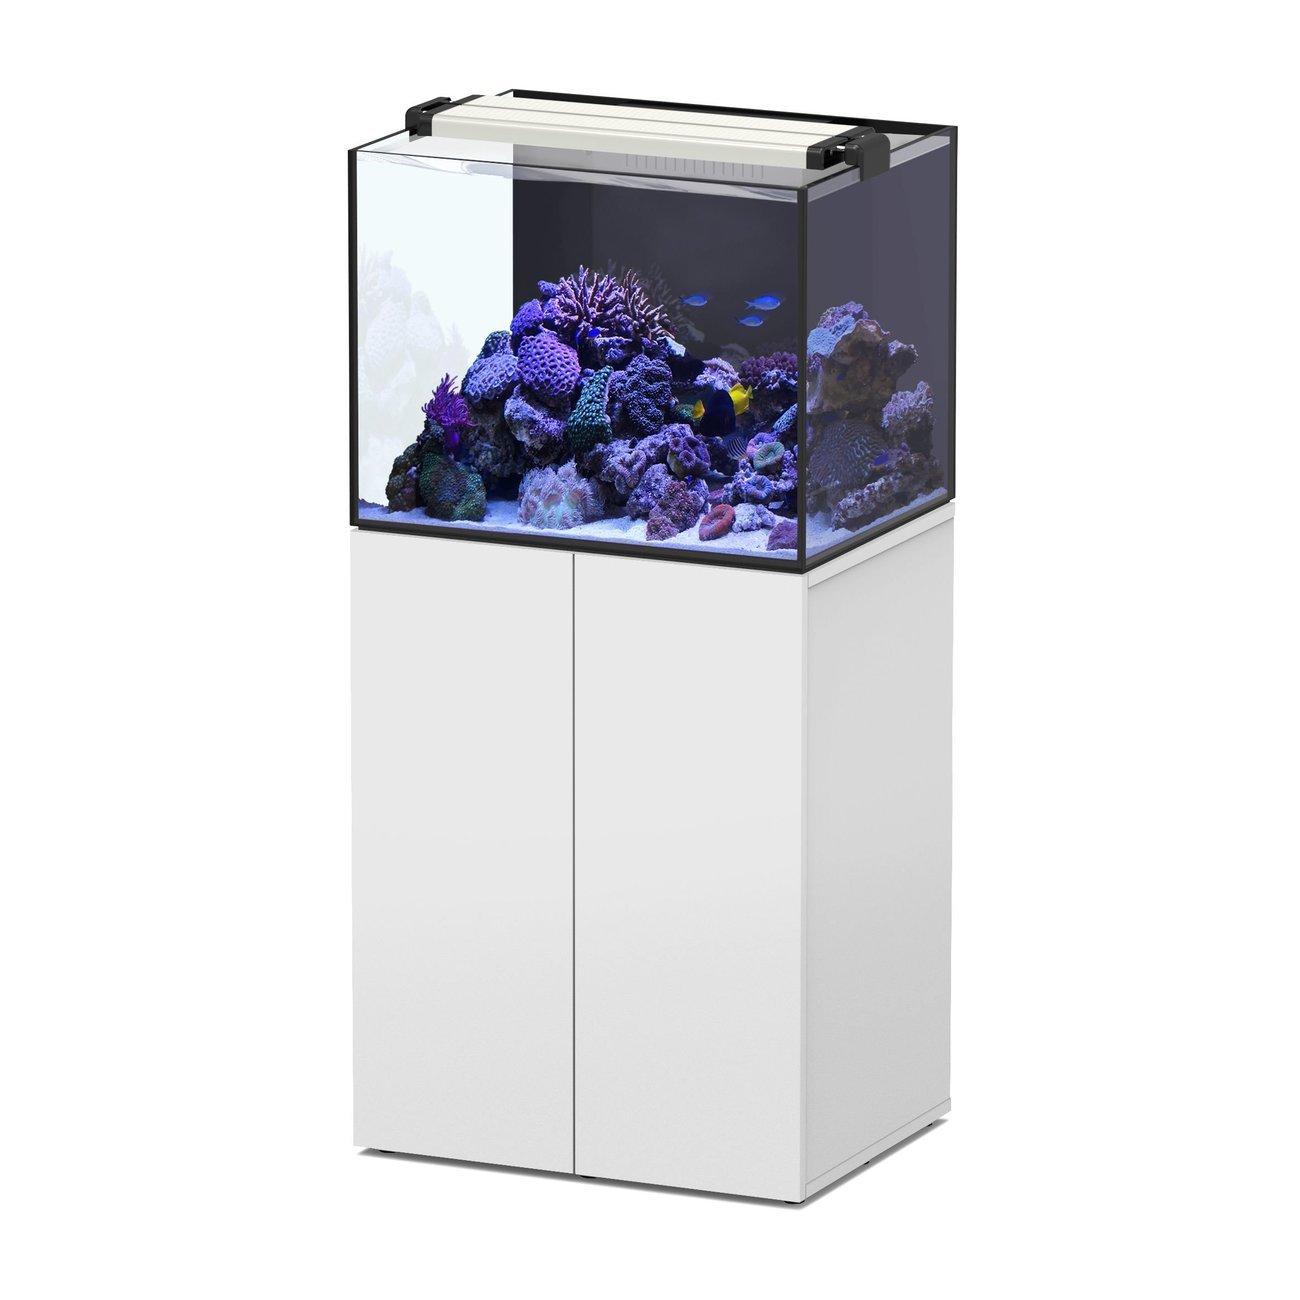 Aquatlantis AquaView 65 mit Unterschrank, Bild 4